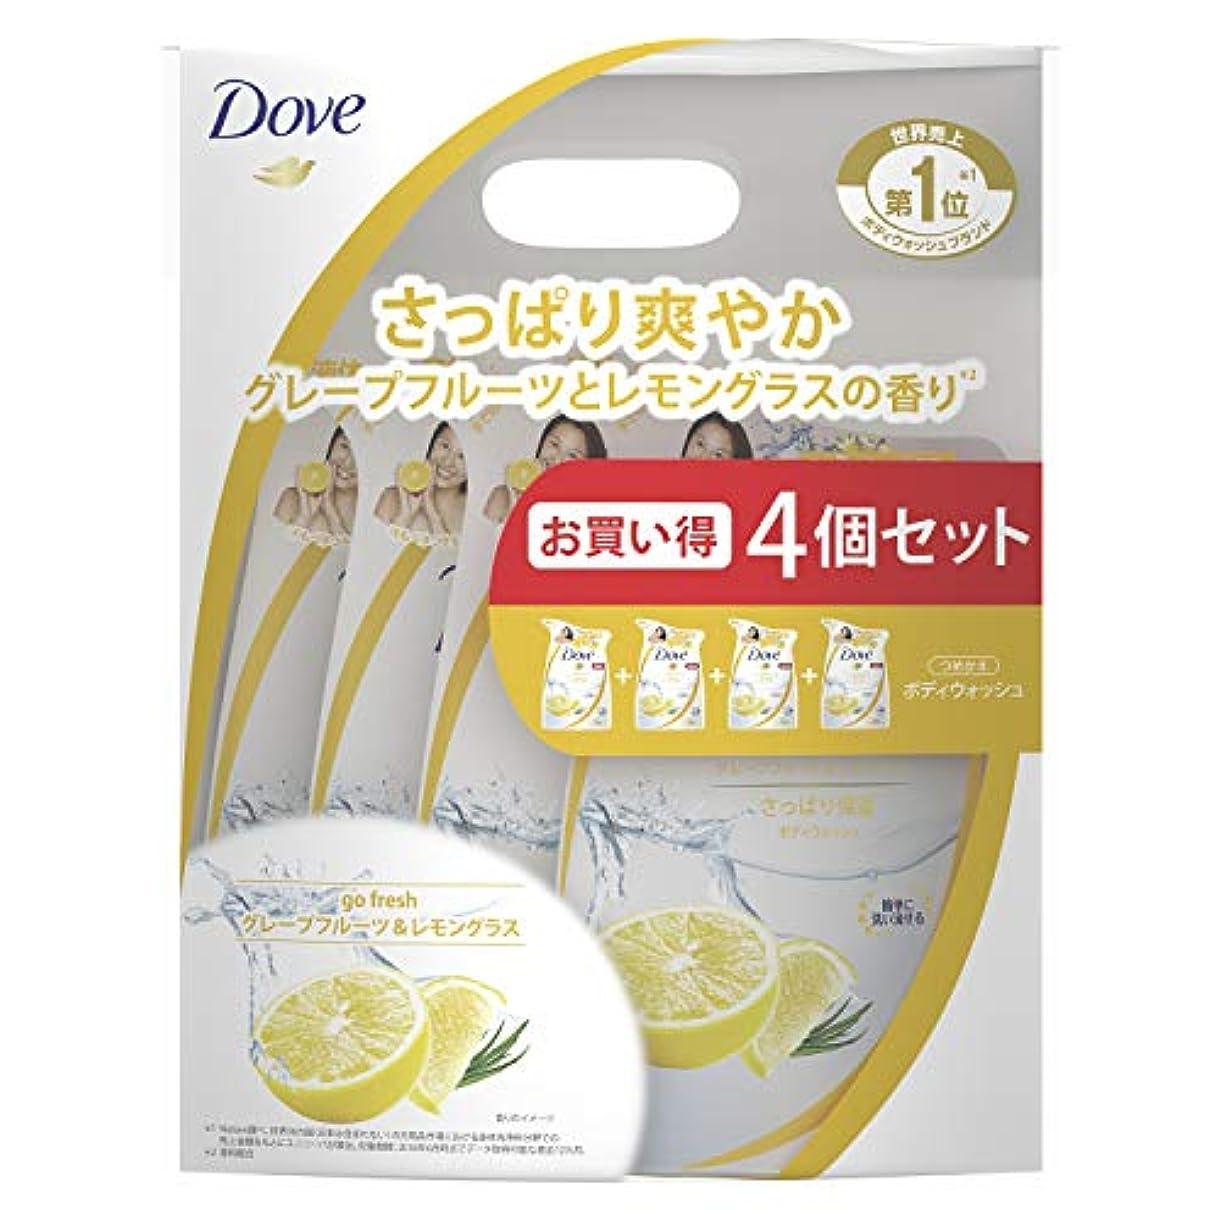 桃アイスクリーム流産Dove(ダヴ) ダヴ ボディウォッシュ グレープフルーツ&レモングラス つめかえ用 4個セット ボディソープ 詰替え 360g×4個